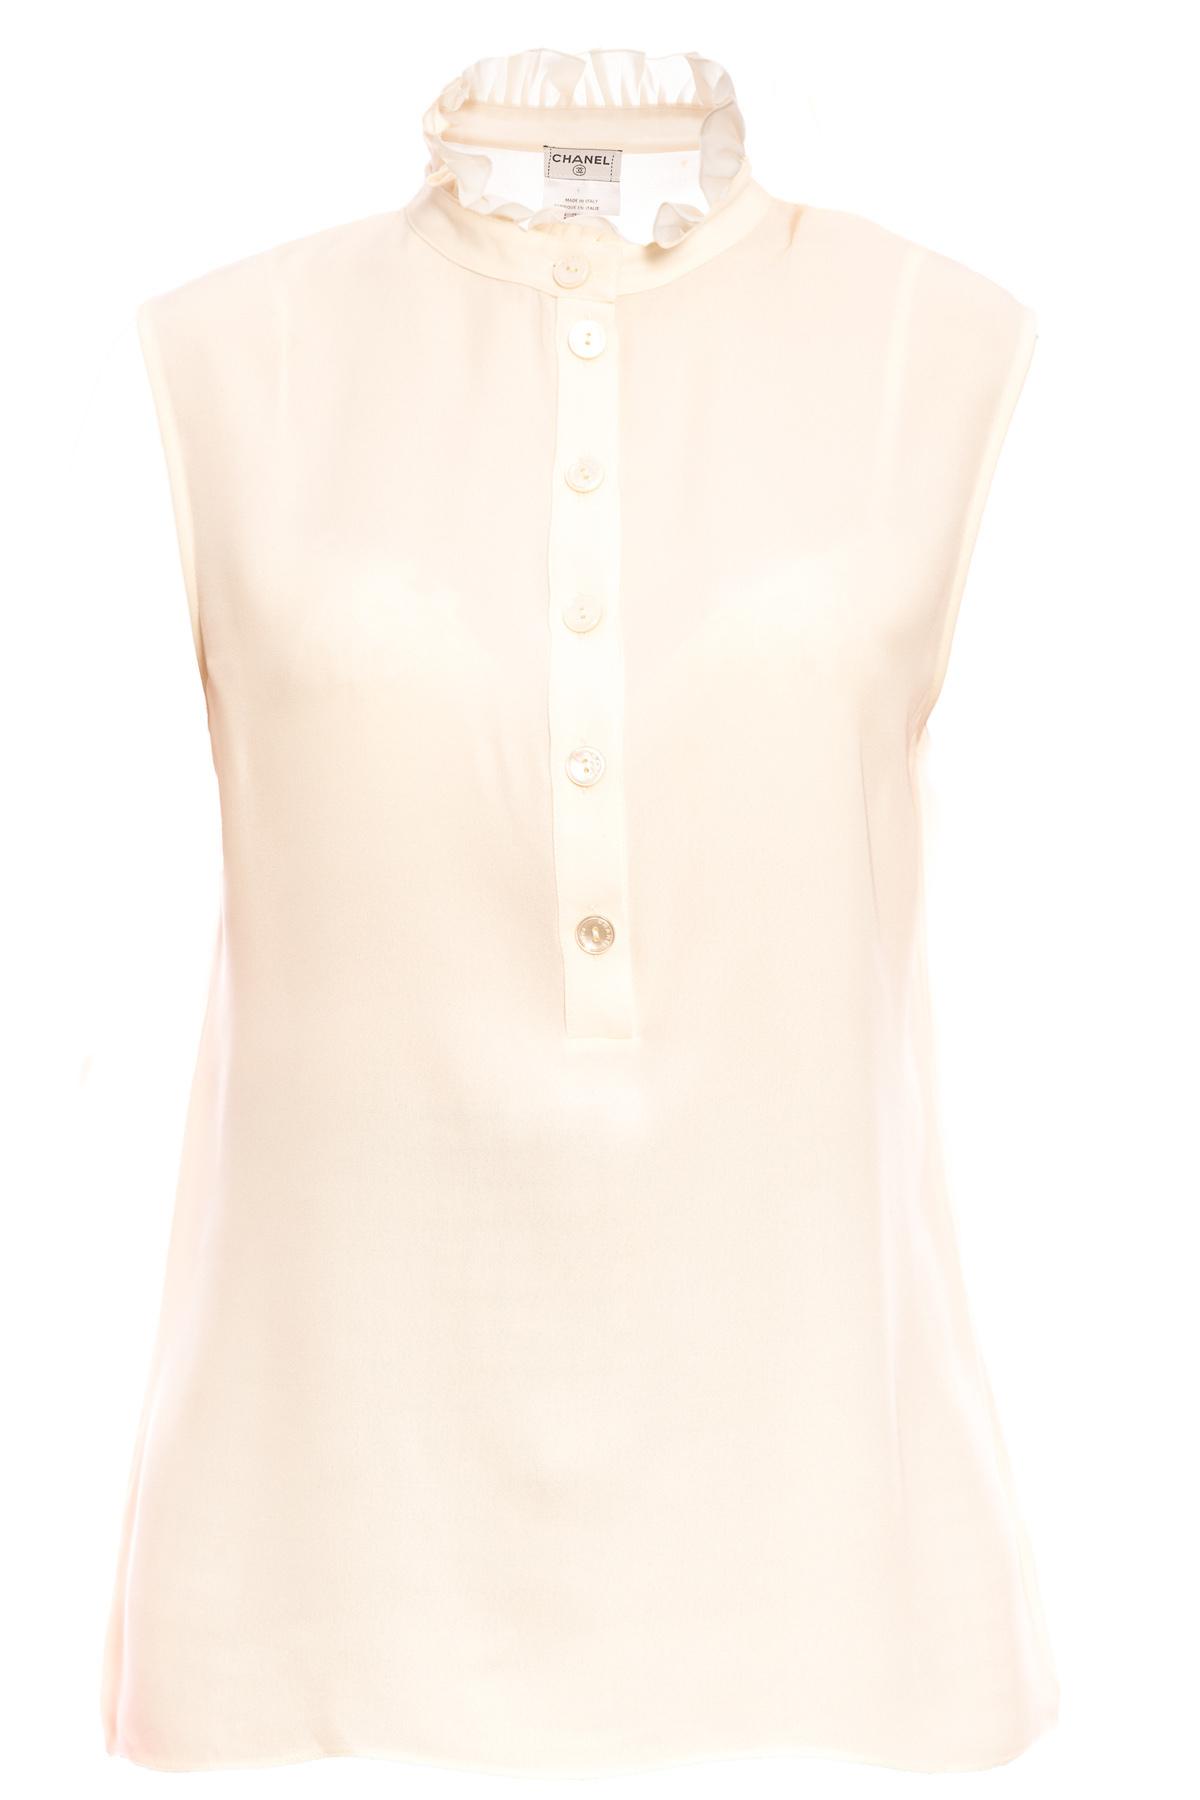 Шелковая блузка Chanel с воротником-стойкой цвета слоновой кости, 42 размер